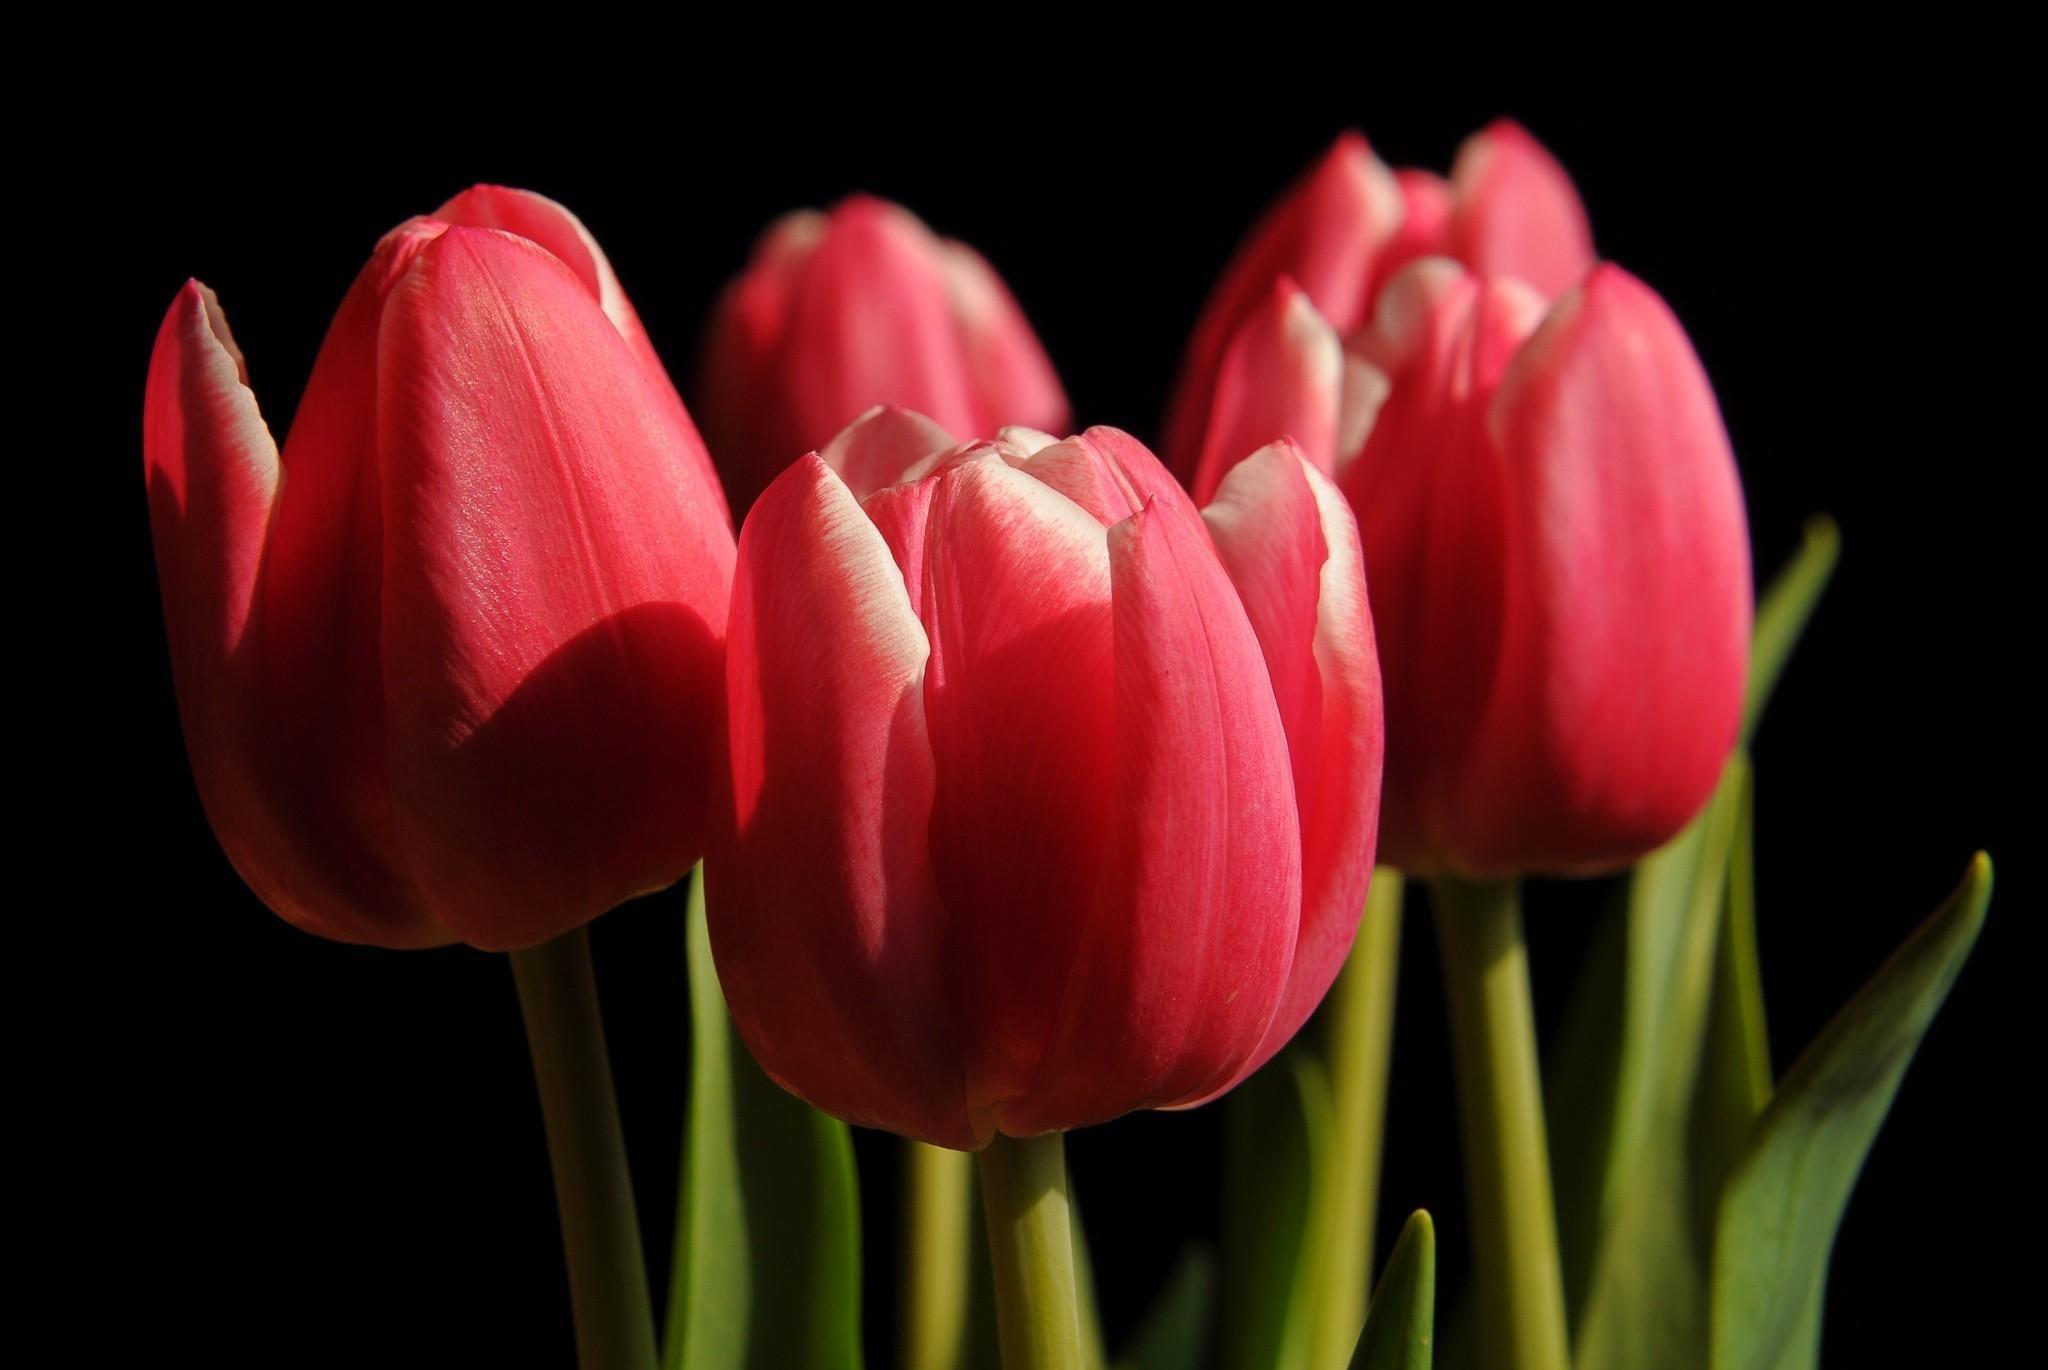 94458 скачать обои Цветы, Бутоны, Весна, Крупный План, Черный Фон, Тюльпаны - заставки и картинки бесплатно